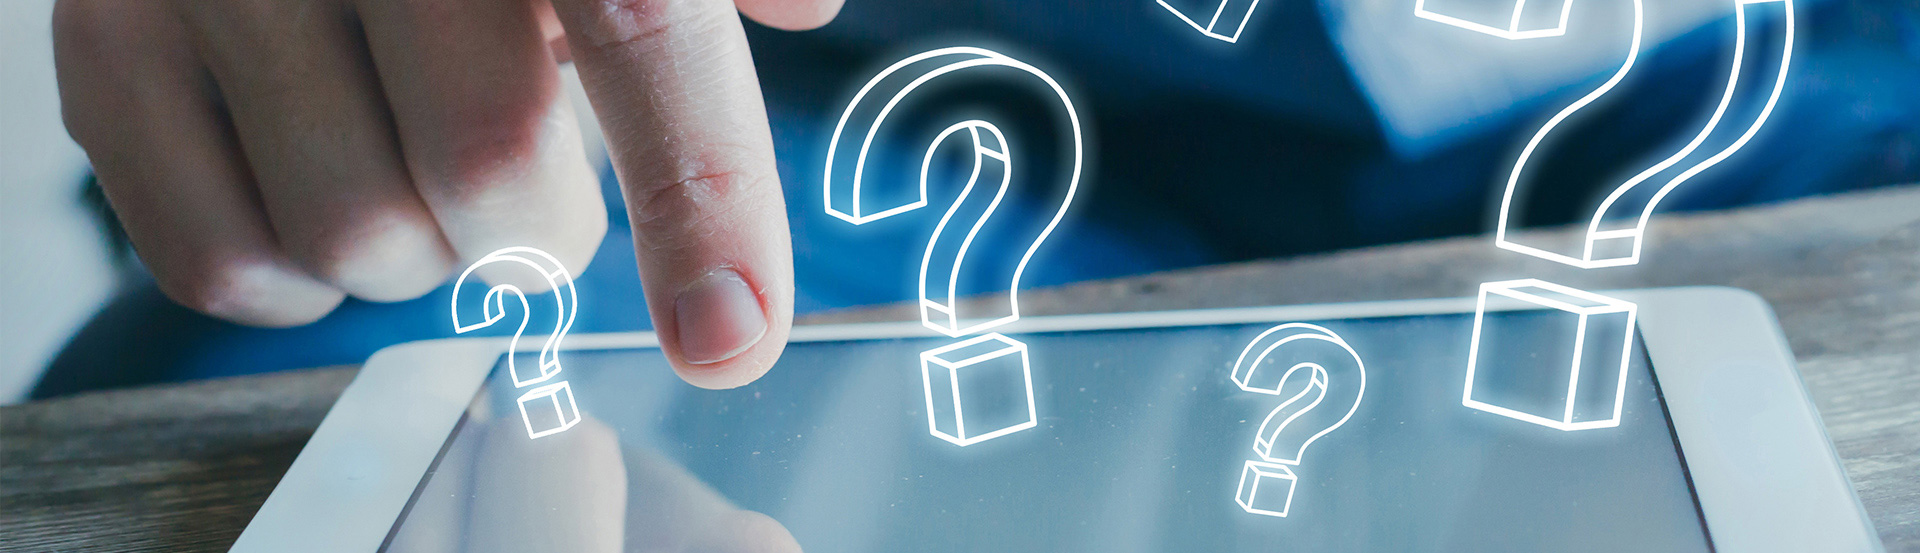 Questionnaire par email : les erreurs à éviter